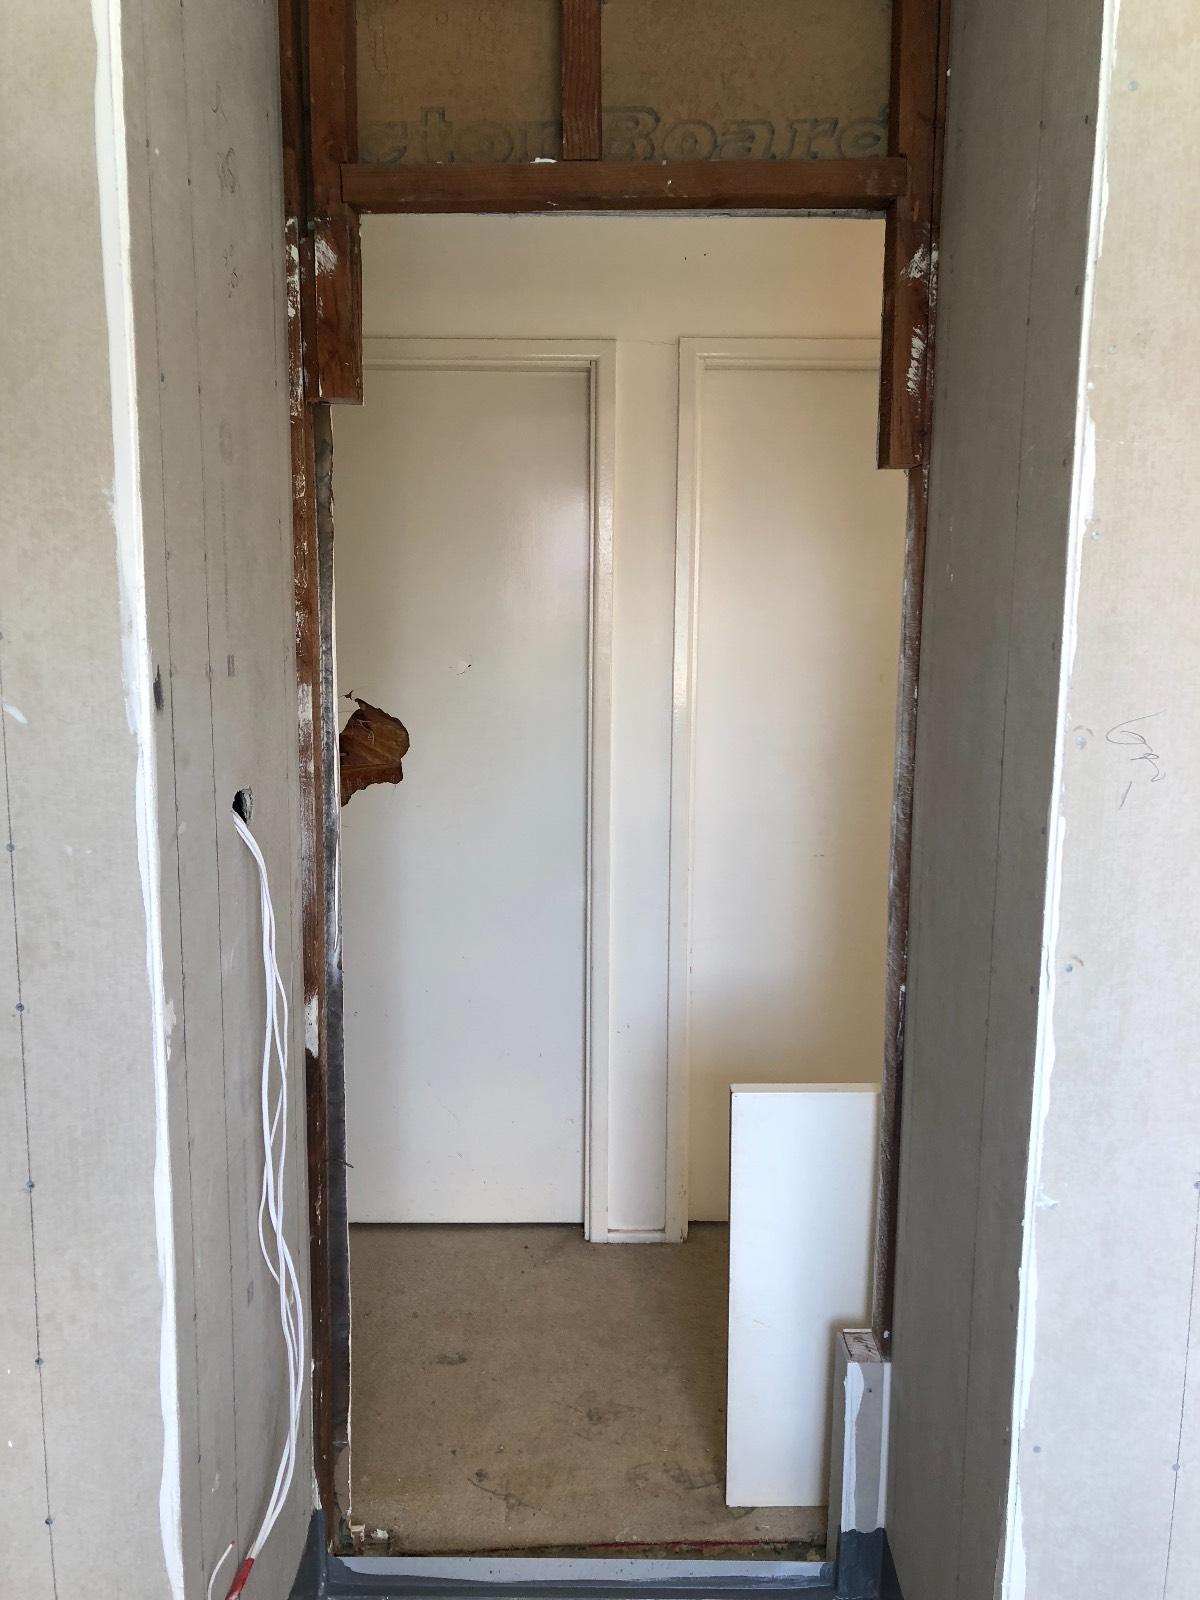 Bathroom door - wall tiling to door jam